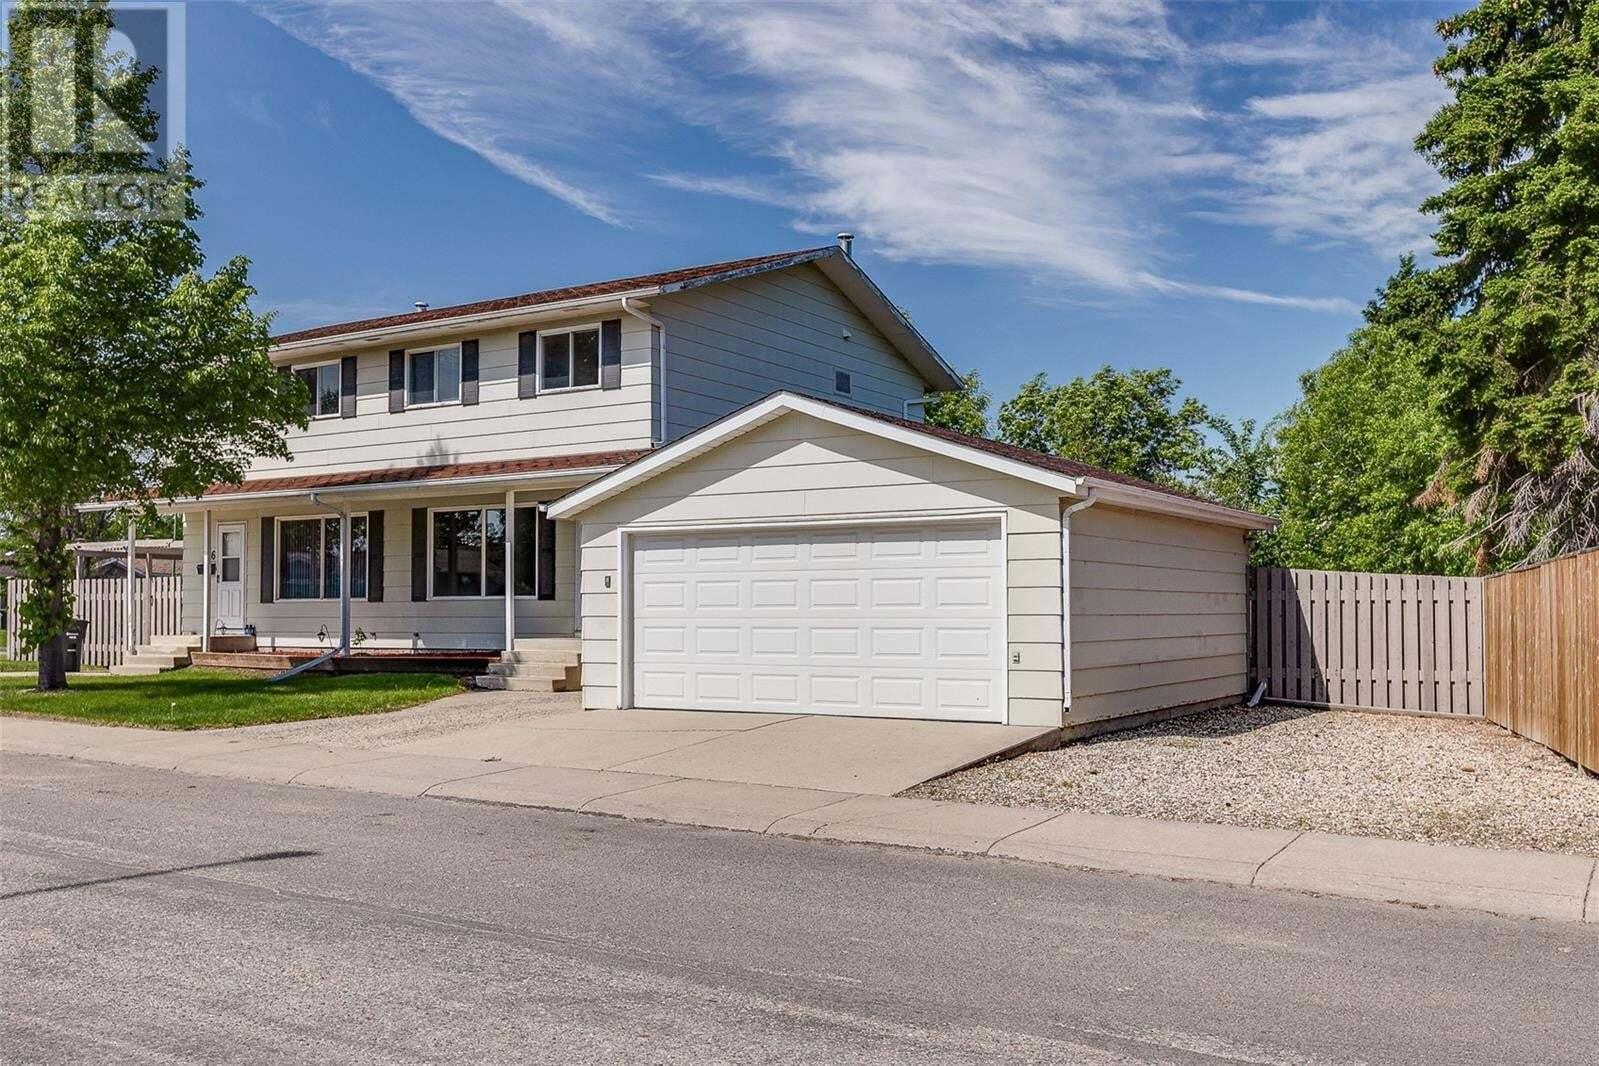 Townhouse for sale at 788 Lenore Dr Unit 786 Saskatoon Saskatchewan - MLS: SK817208